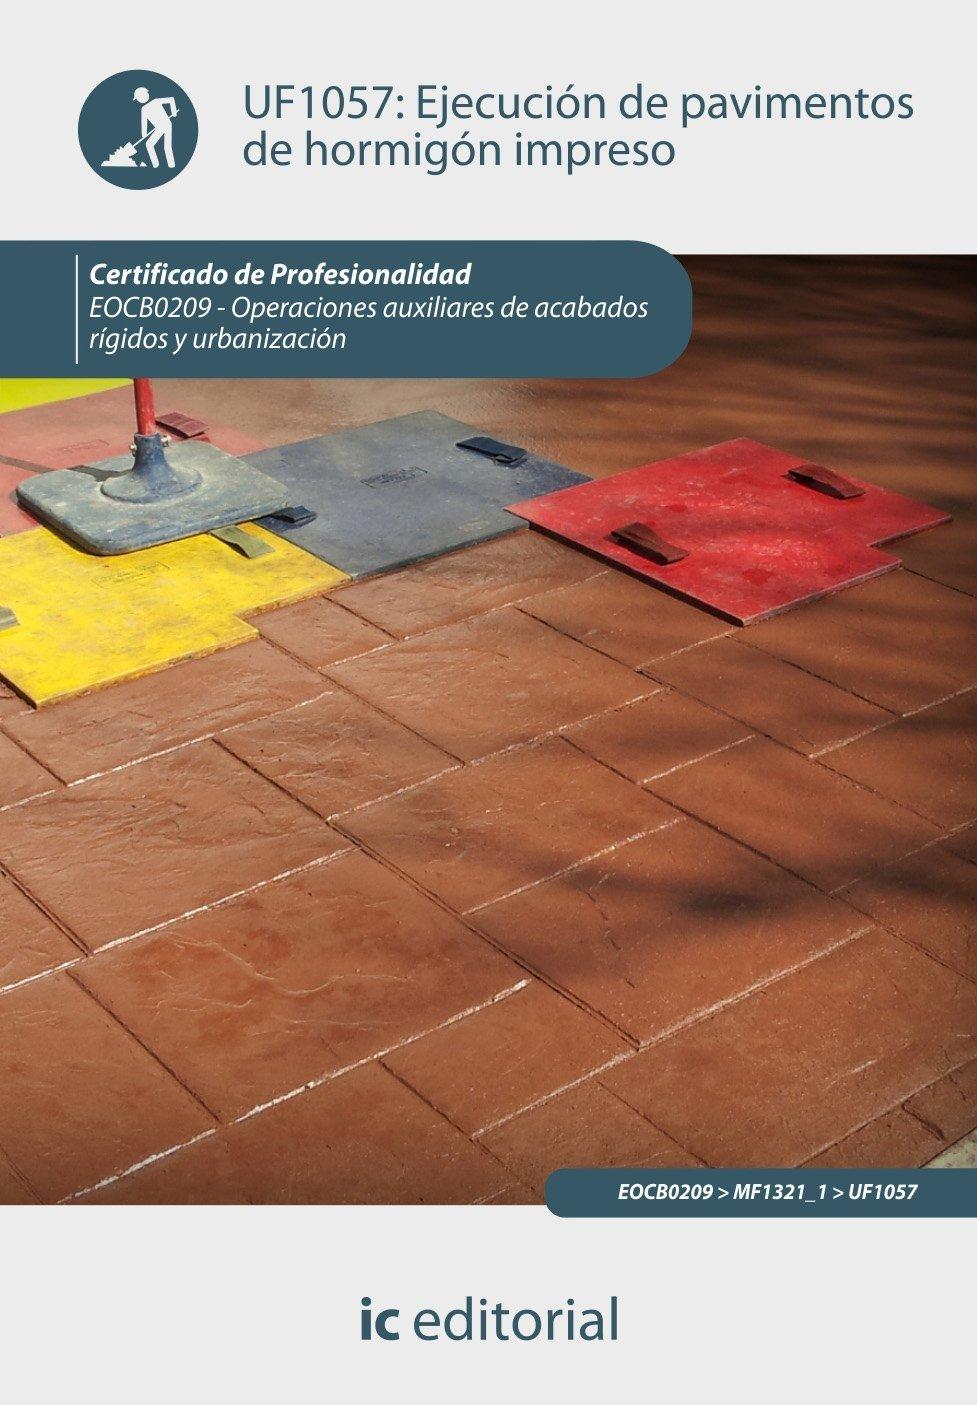 Ejecución de pavimentos de hormigón impreso. eocb0209 – operaciones auxiliares de acabados rígidos y urbanización